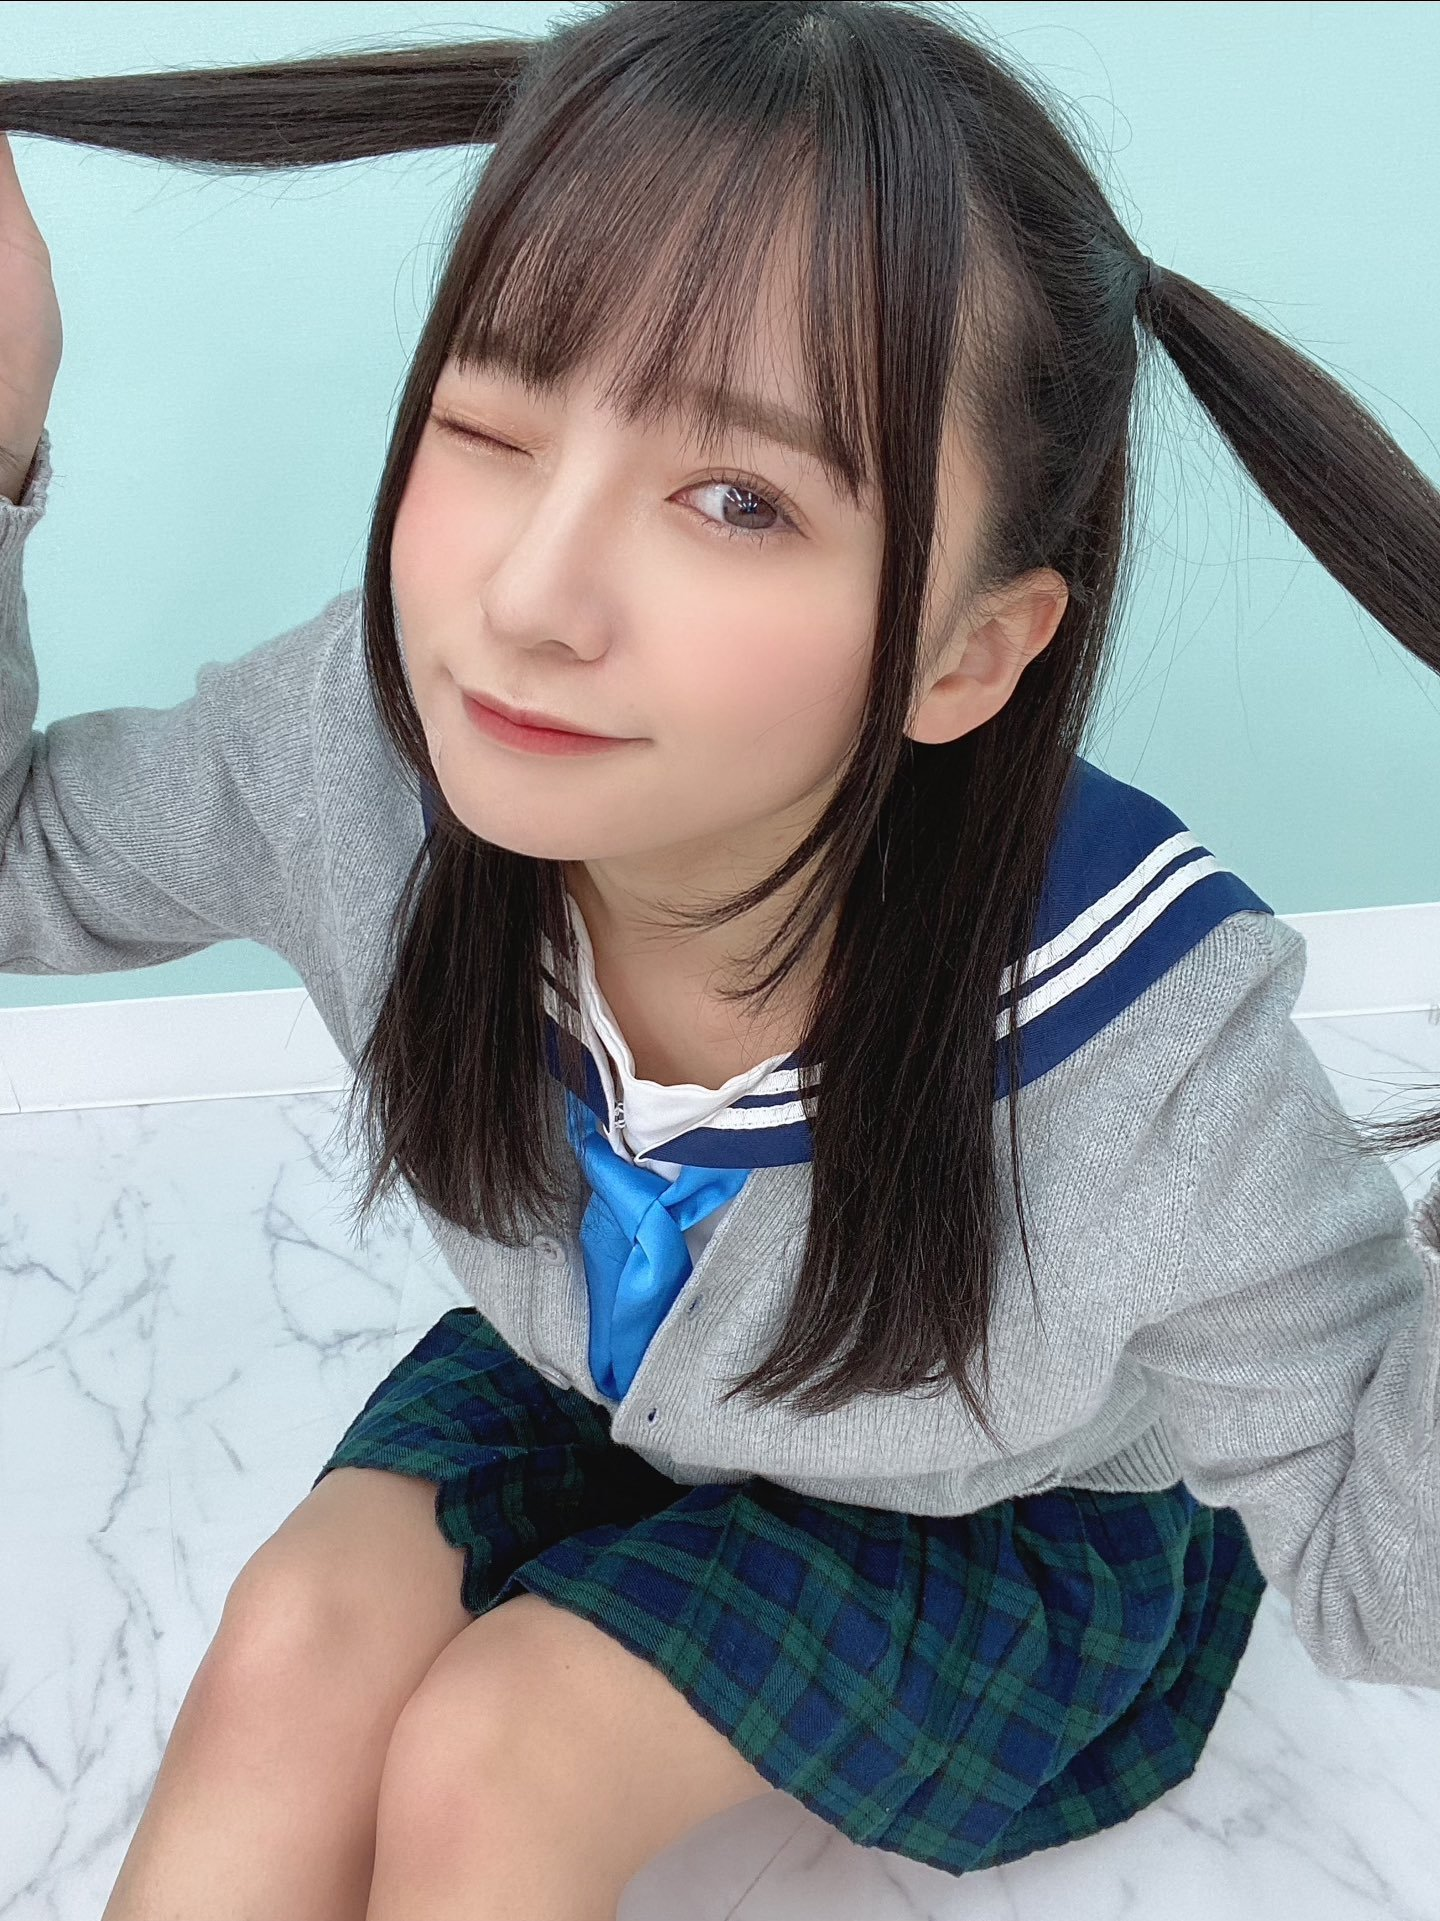 写真界资深小辣妹《西永彩奈》 养眼图片 第2张